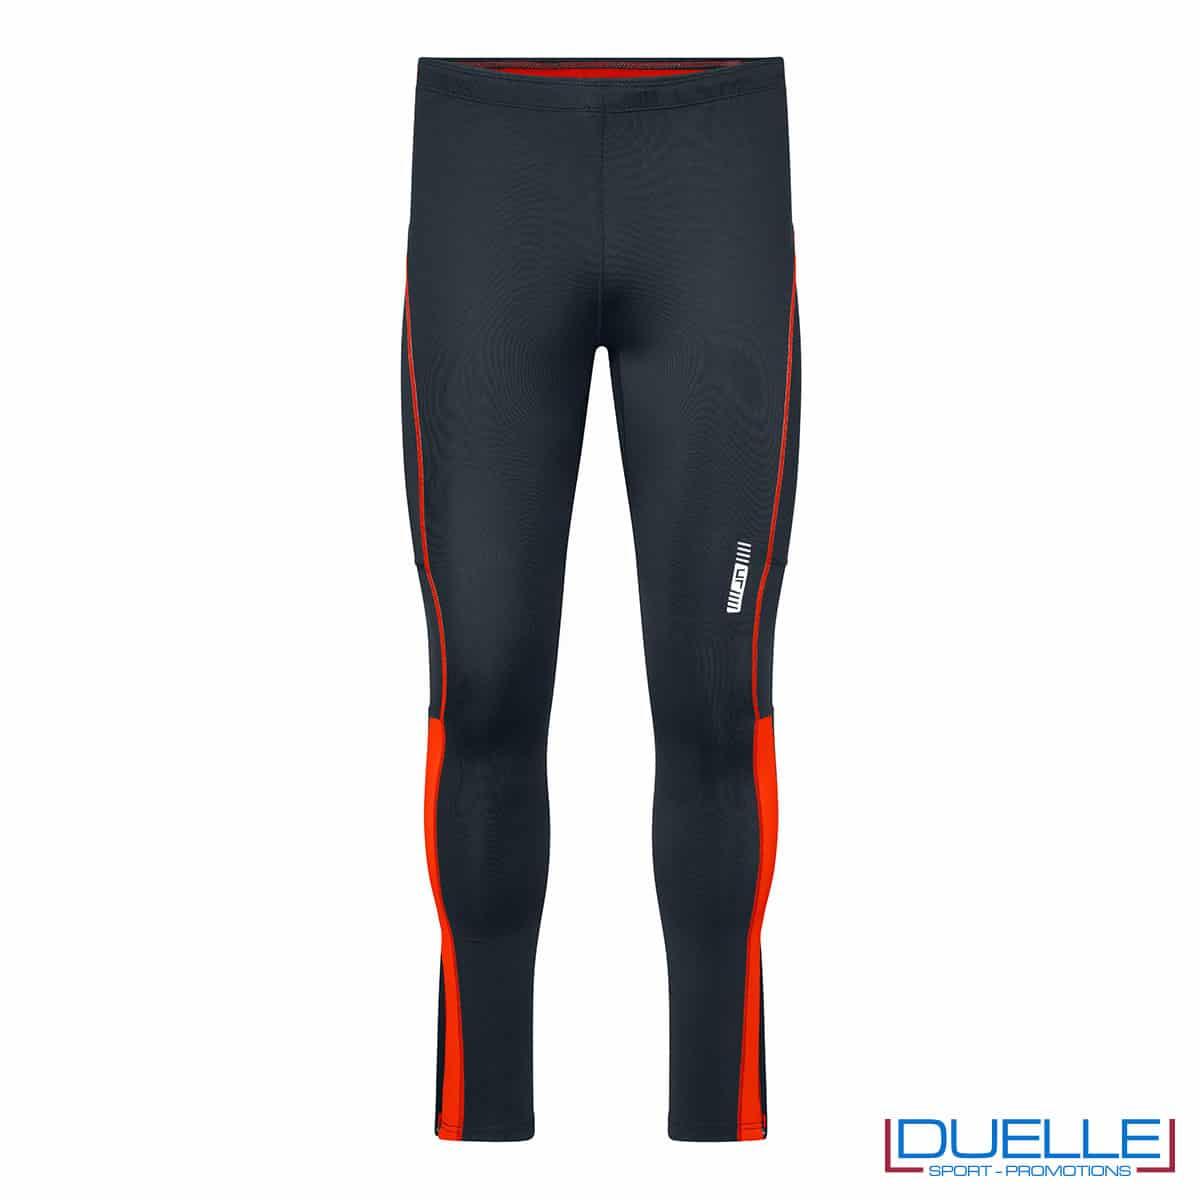 Pantaloni running antracite/arancio personalizzati